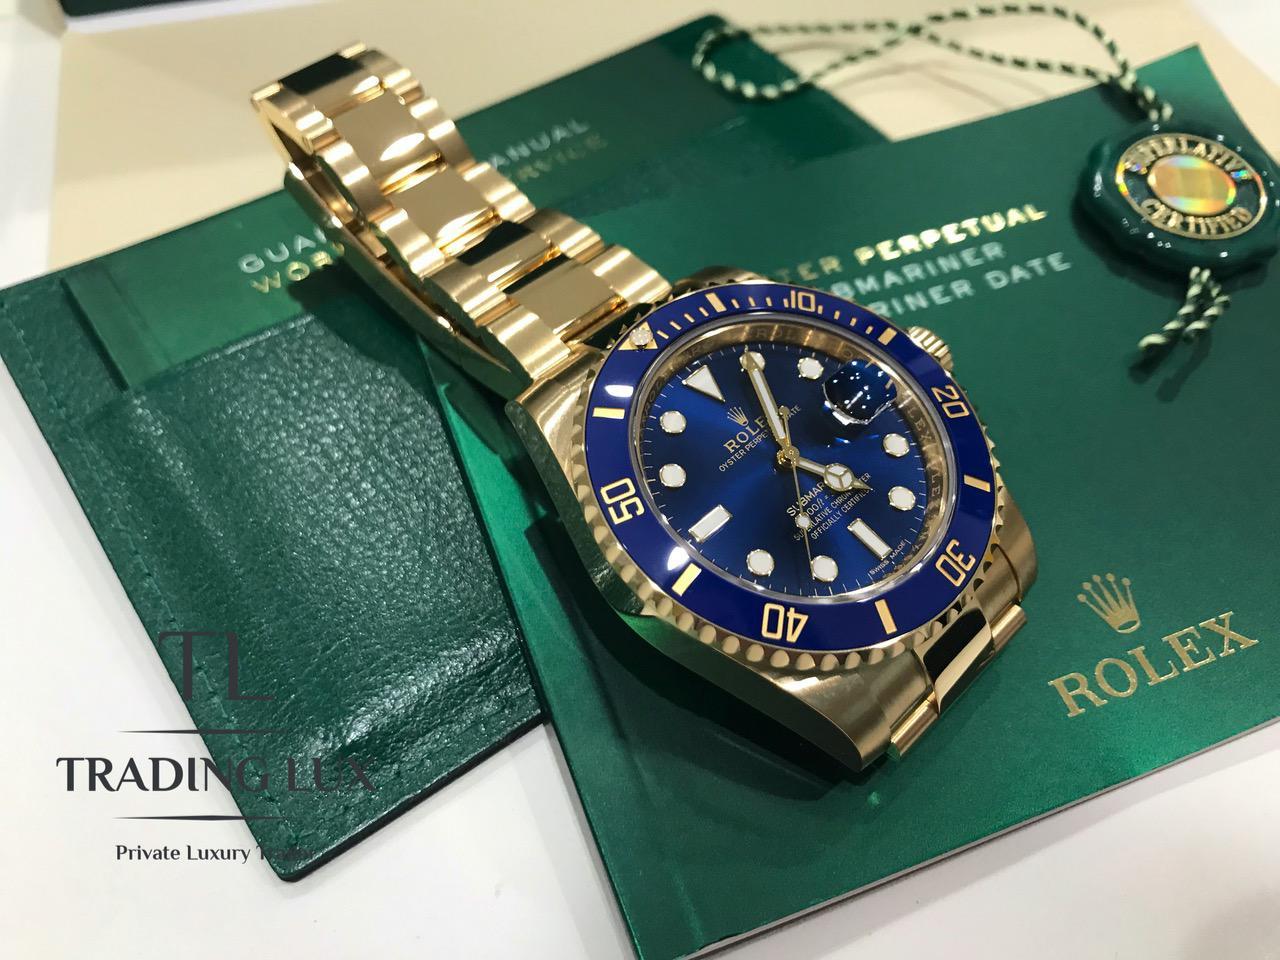 Rolex-Submariner-116618LB-1